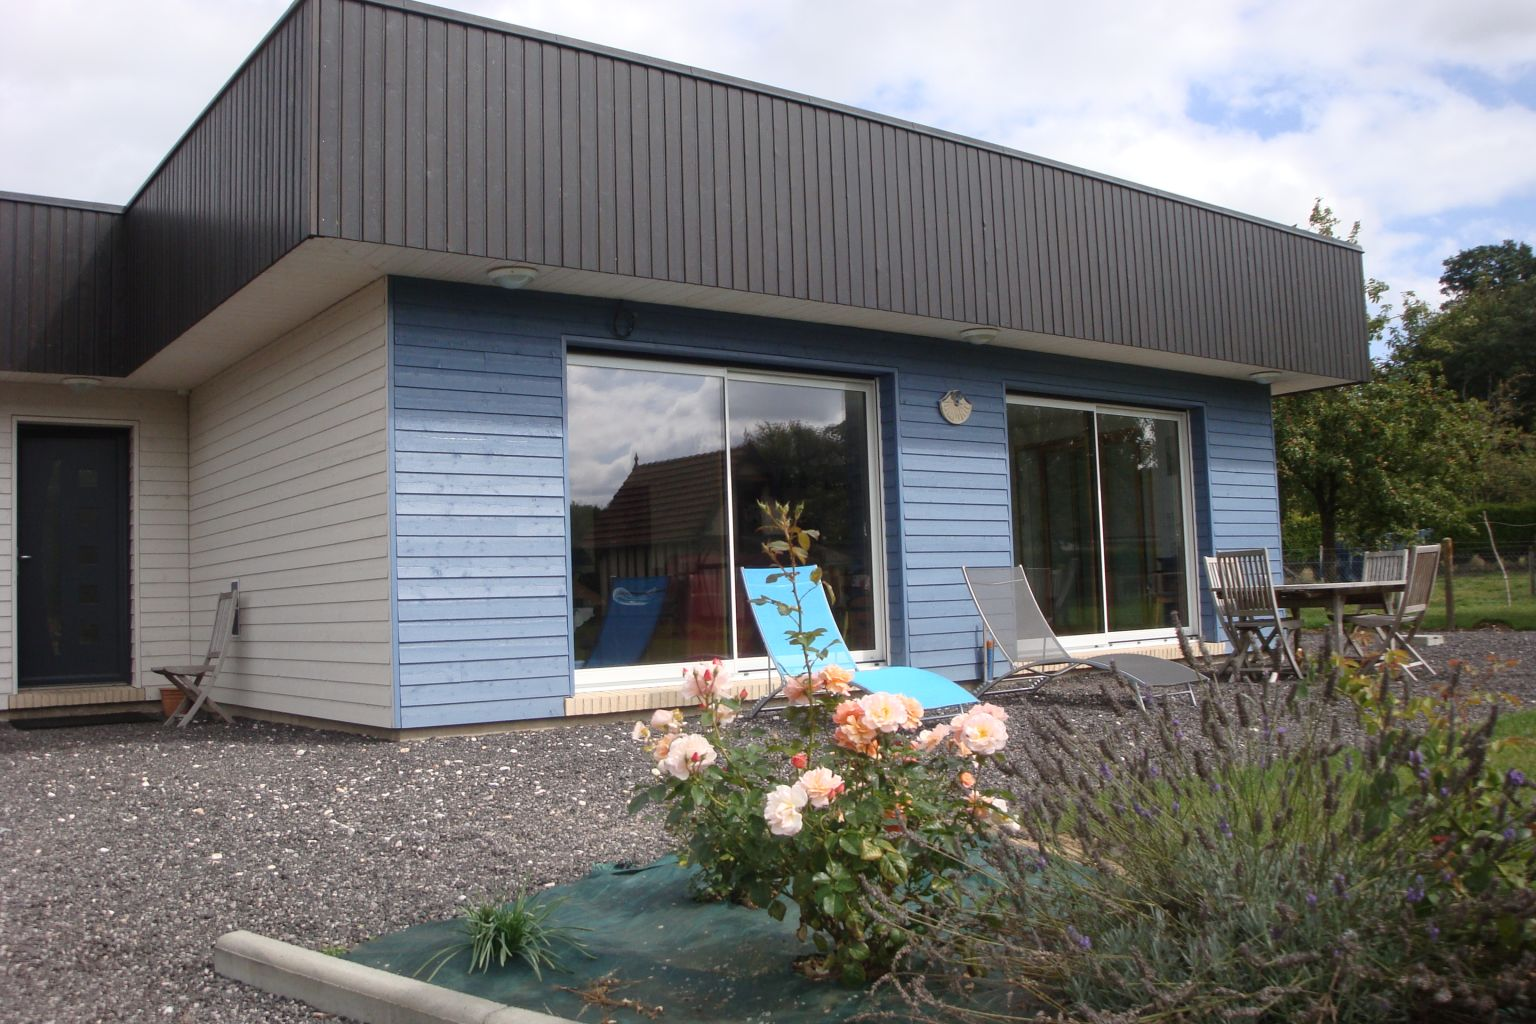 Maison bois à Gonneville sur Scie (76590) > DJSLBois